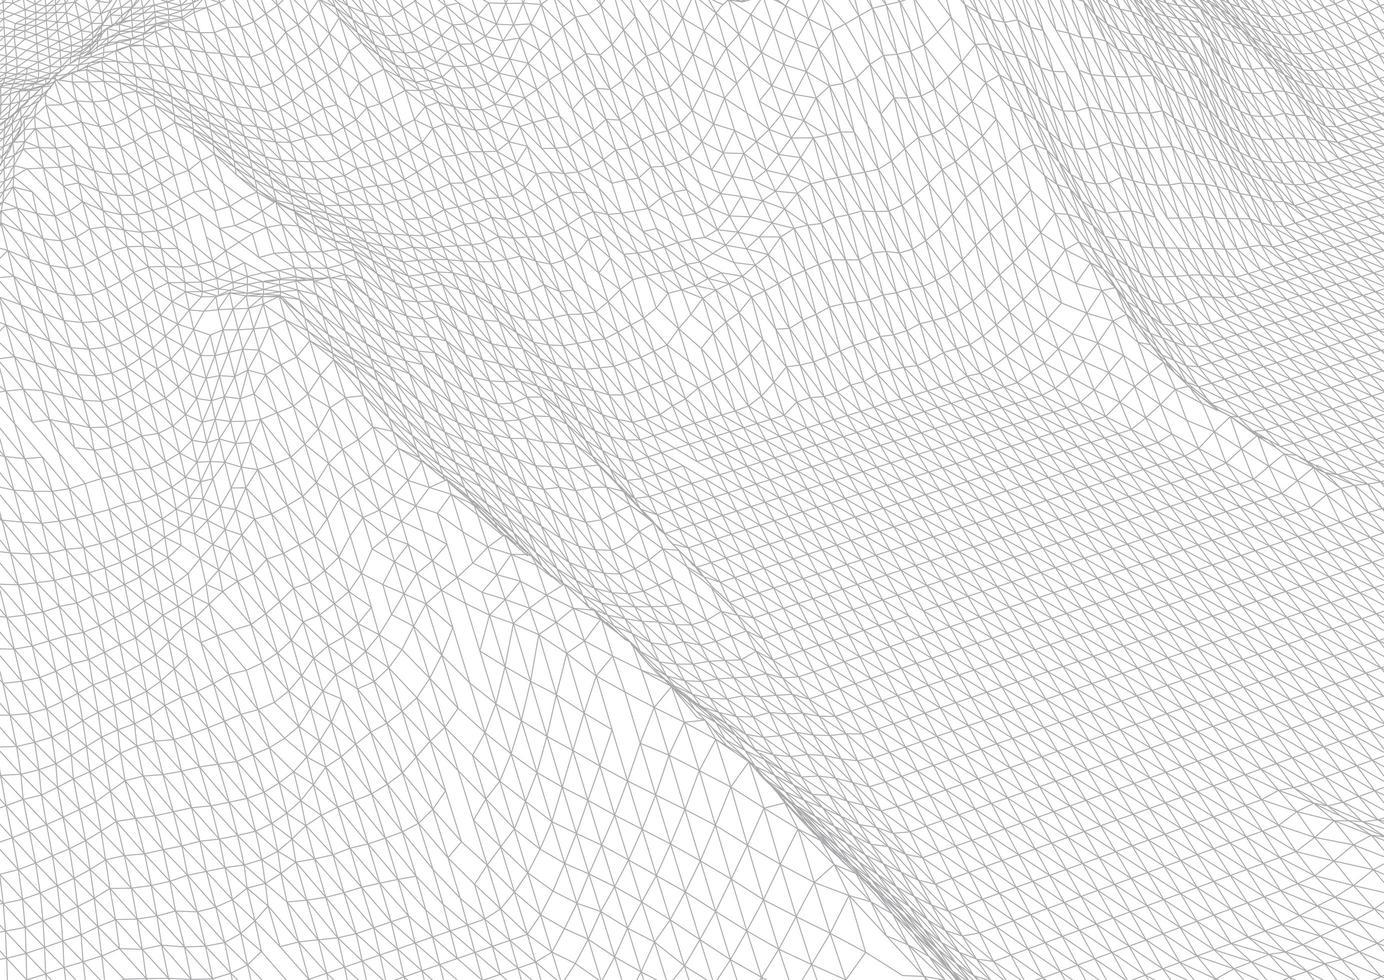 Résumé terrain filaire en noir et blanc vecteur